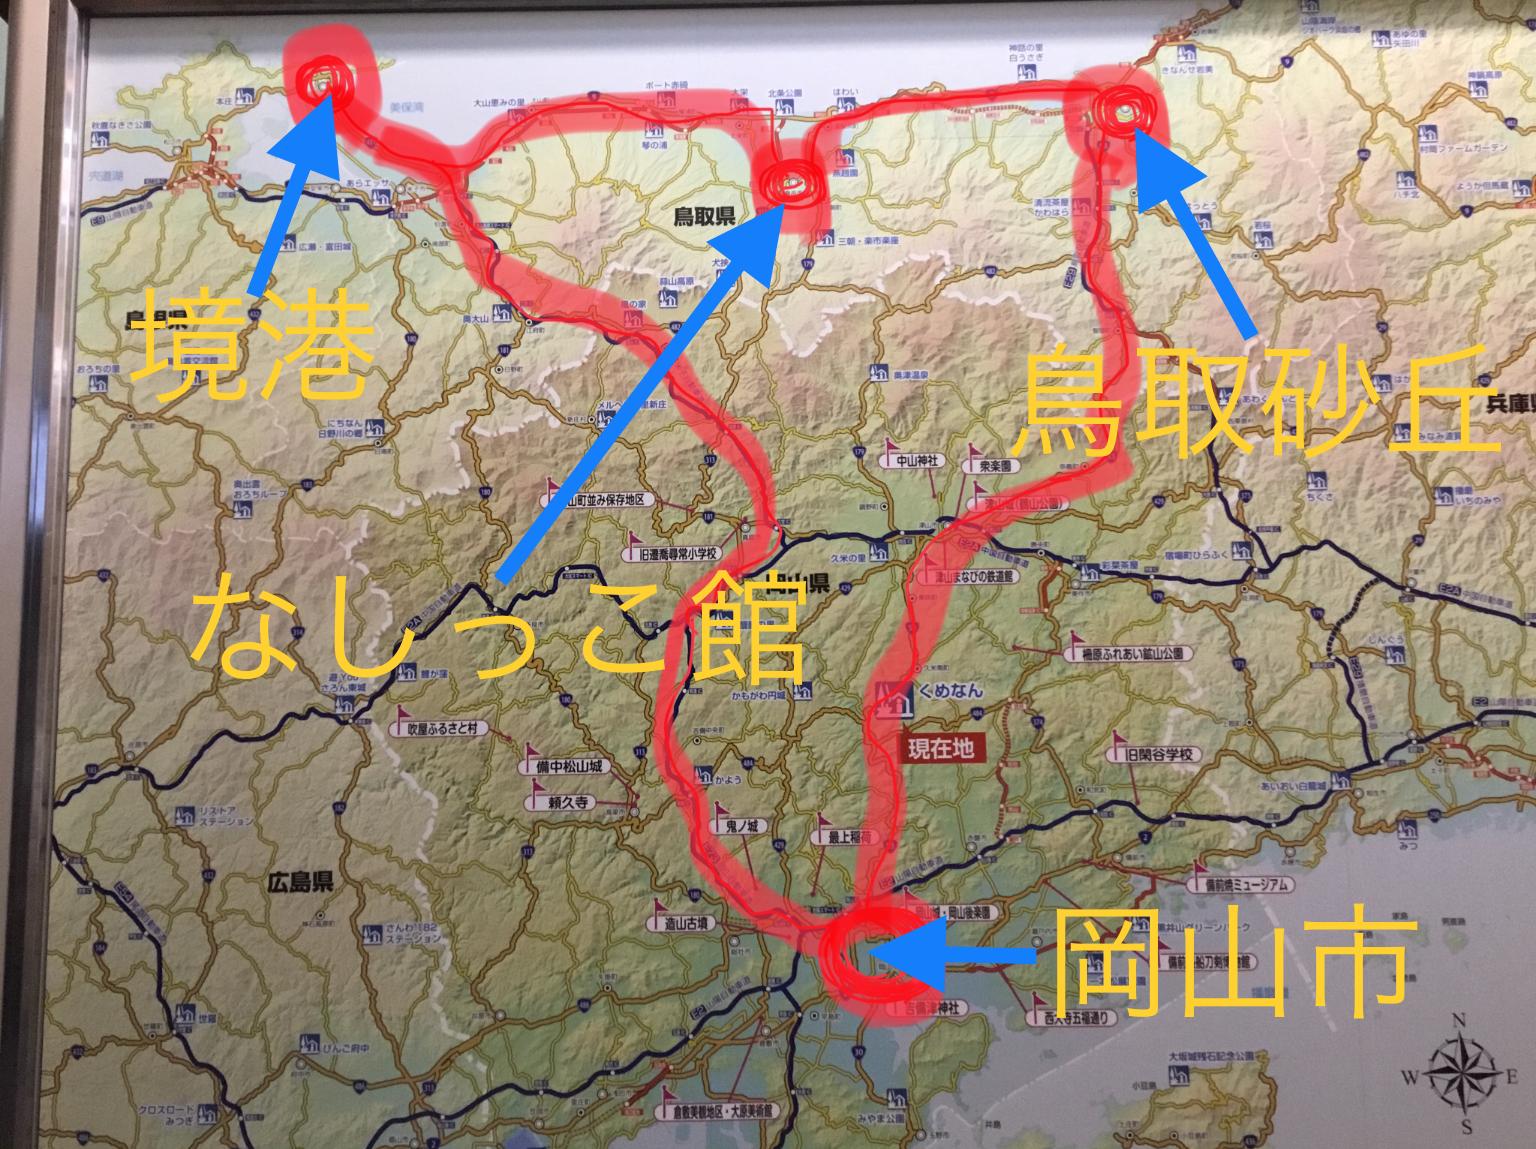 岡山から鳥取への旅行移動地図